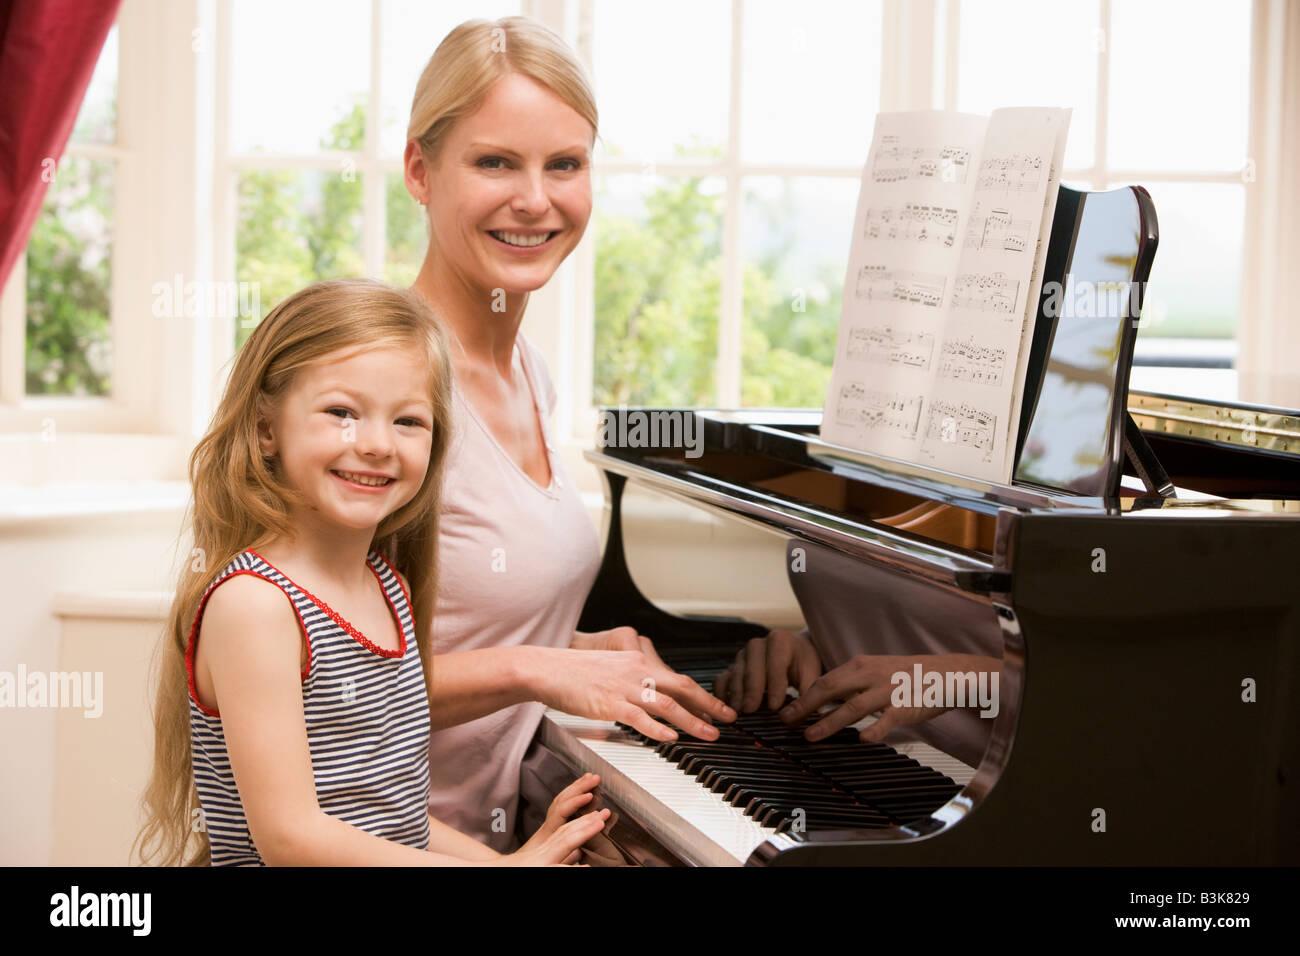 Frau und junge Mädchen spielt Klavier und lächelnd Stockbild